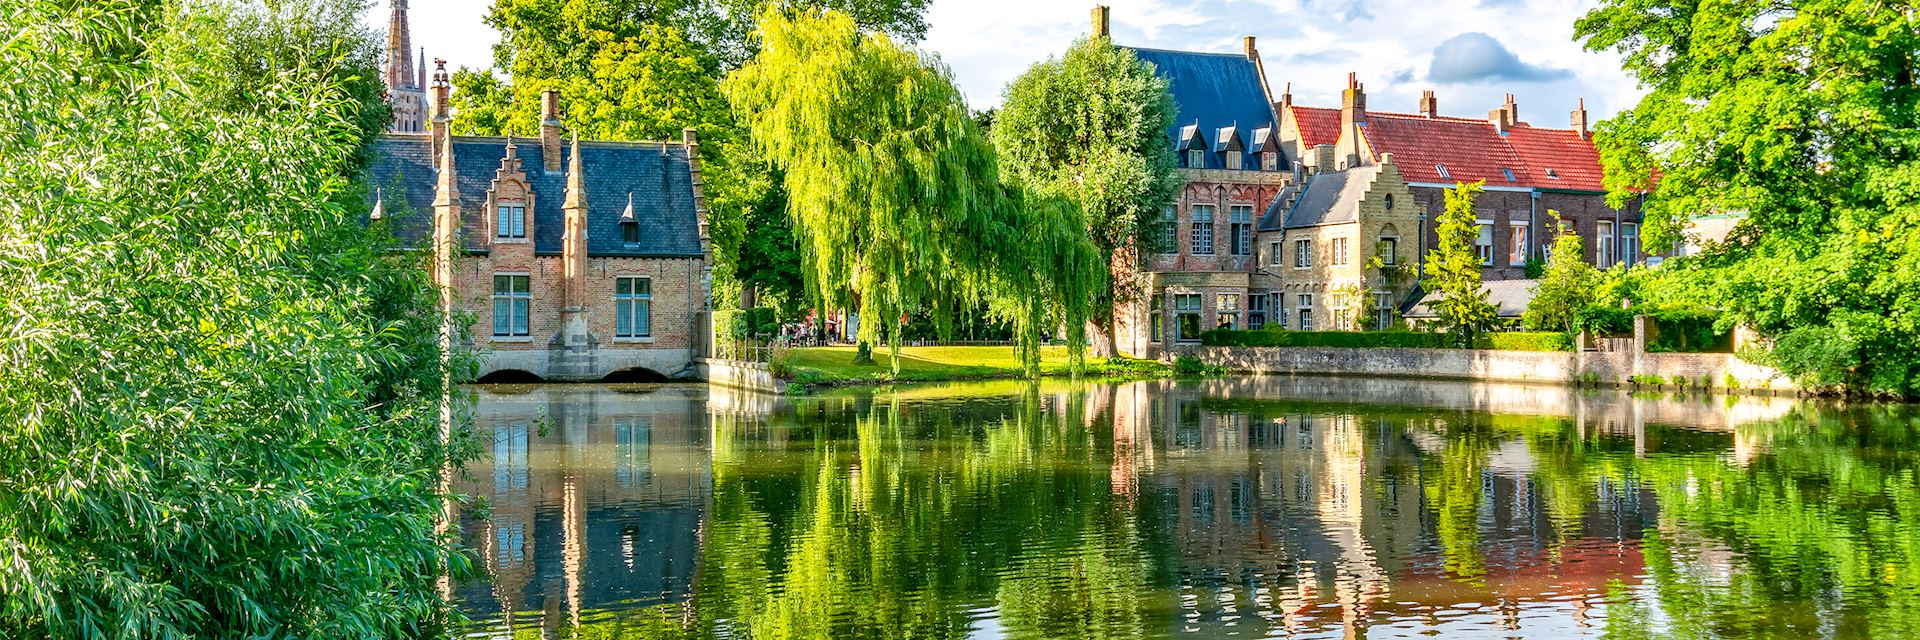 Lake of Love, Bruges